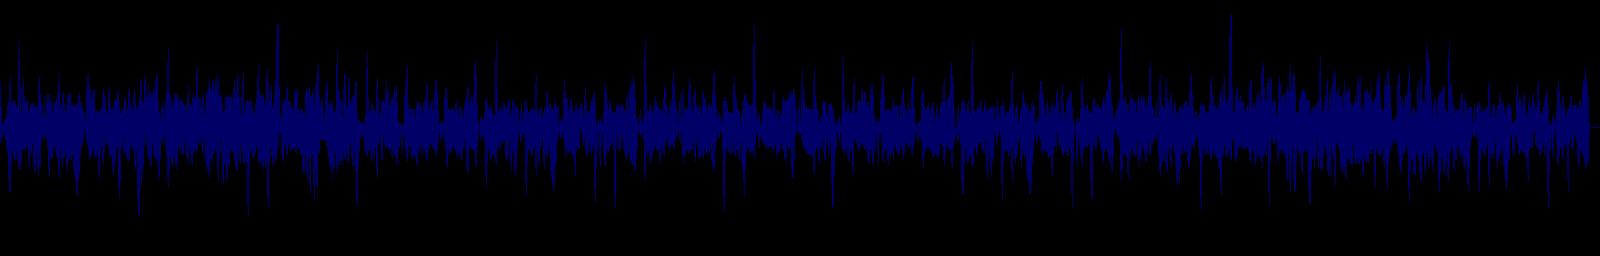 waveform of track #121238